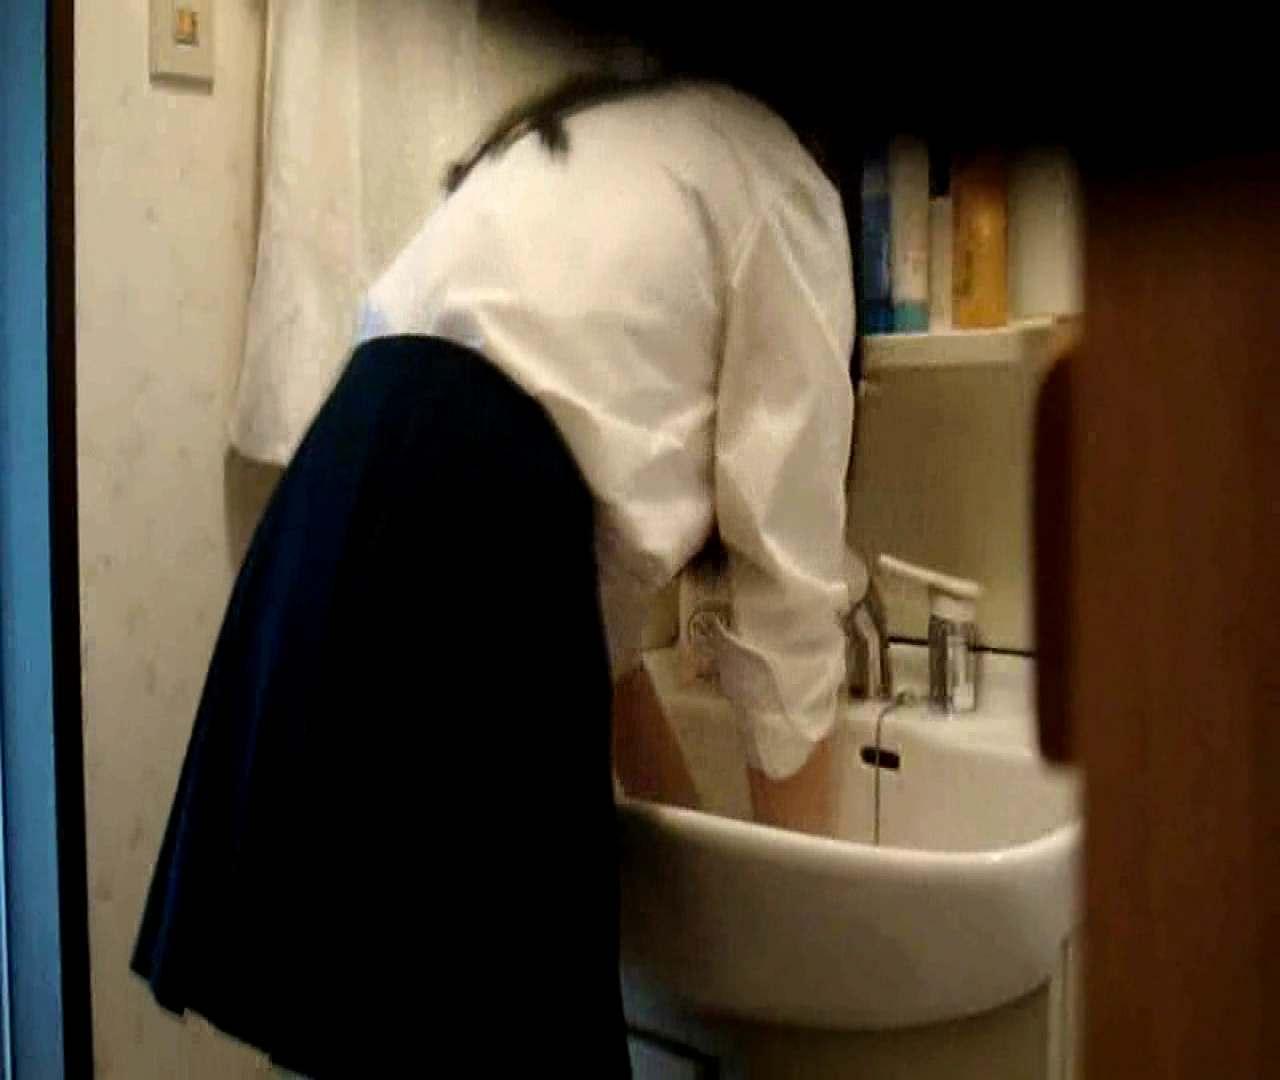 二人とも育てた甲斐がありました… vol.05 まどかが洗顔後にブラを洗濯 HなOL | 0  98pic 7